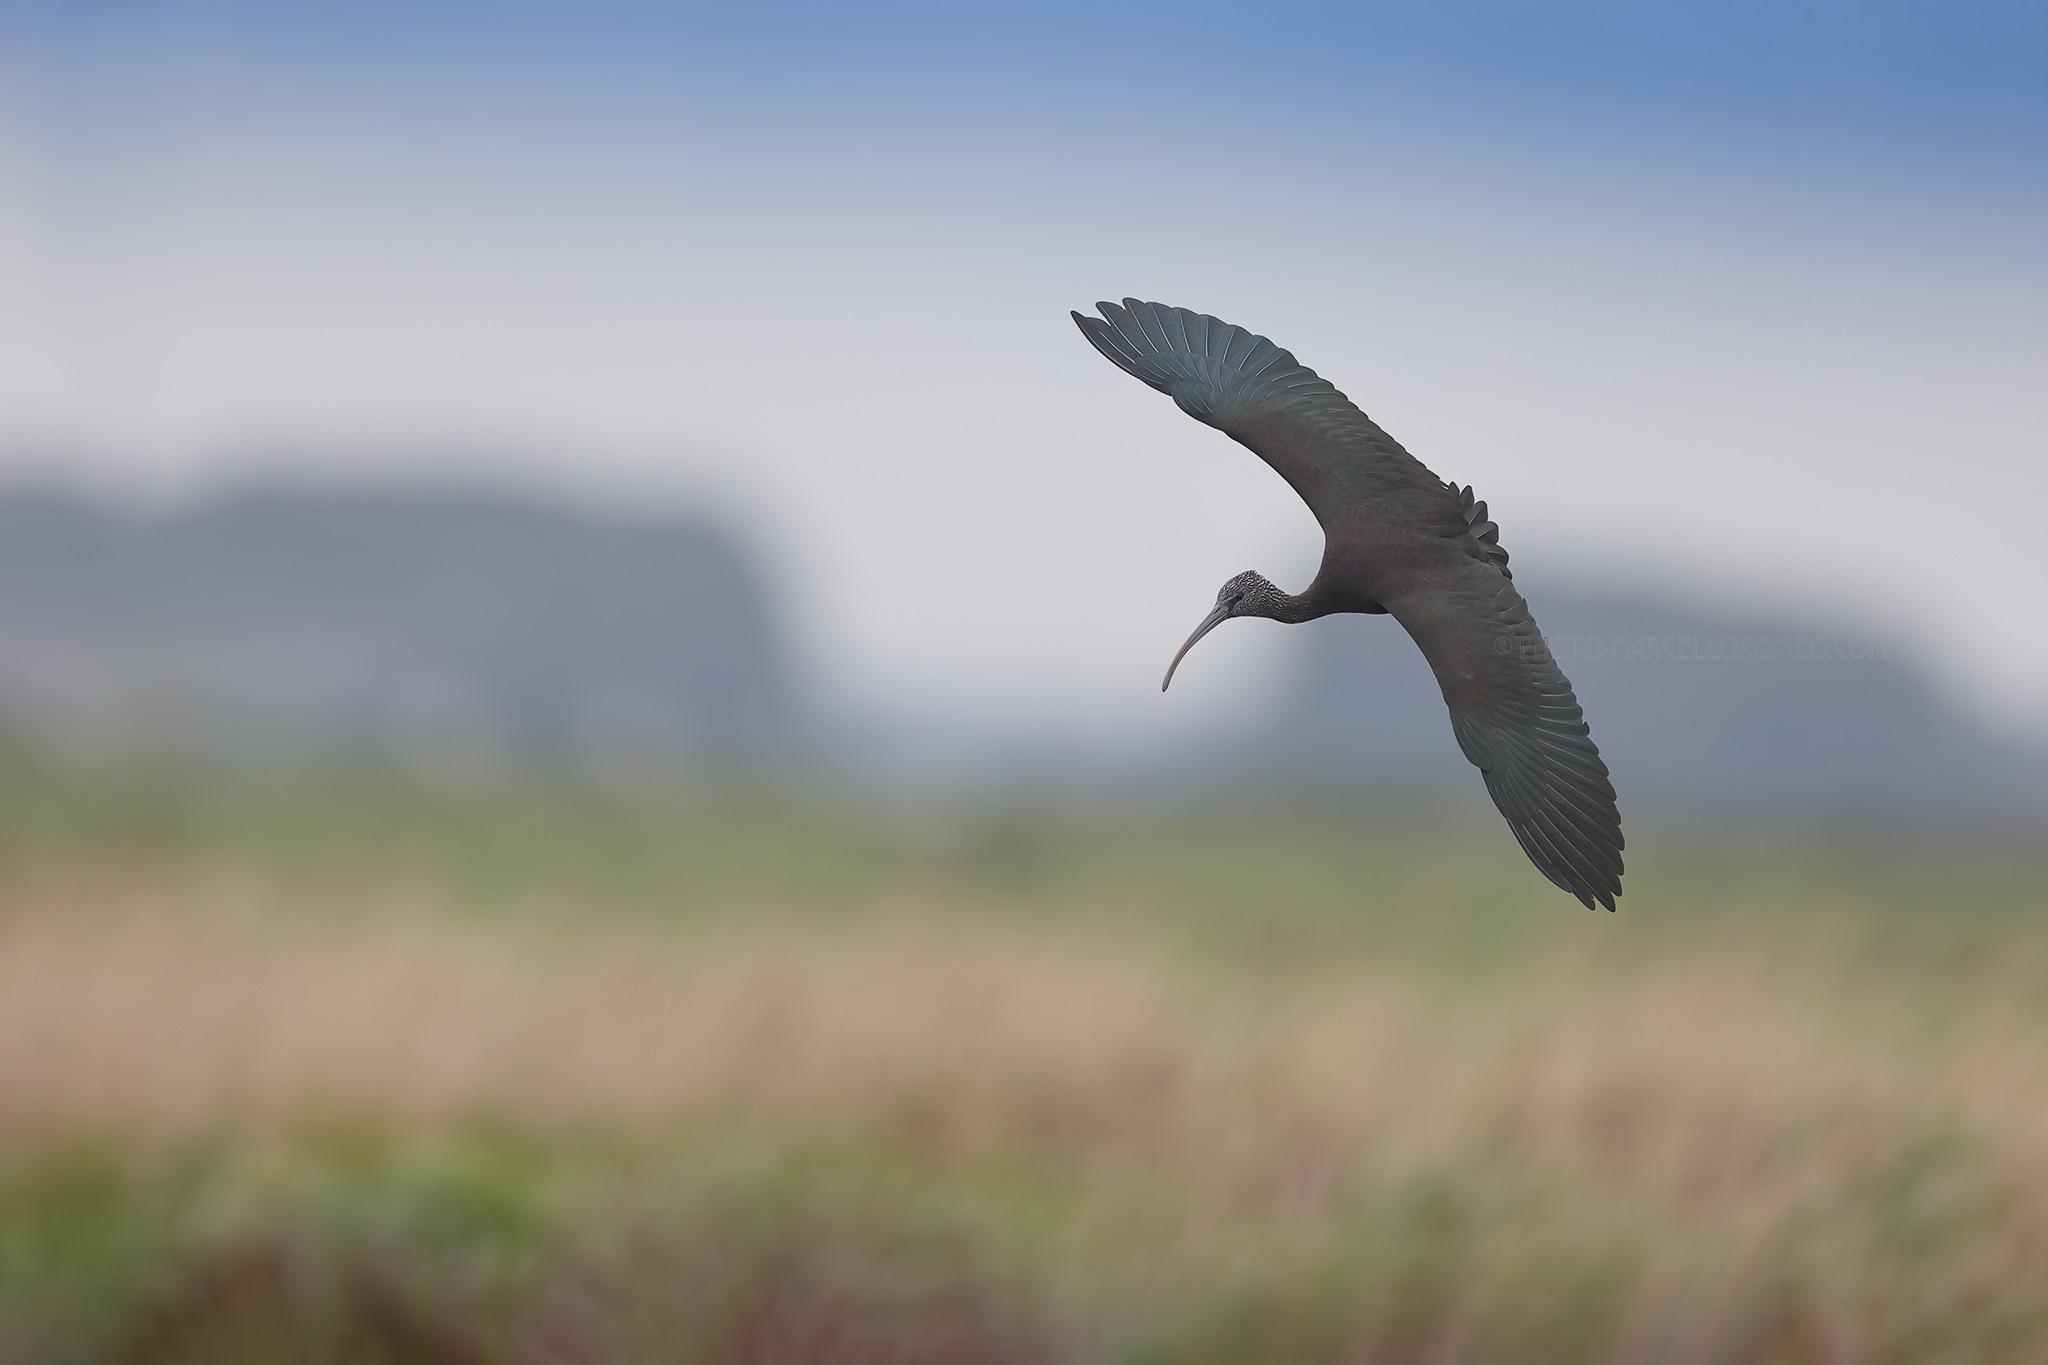 Zwarte ibis; Glossy ibis; Plegadis falcinellus